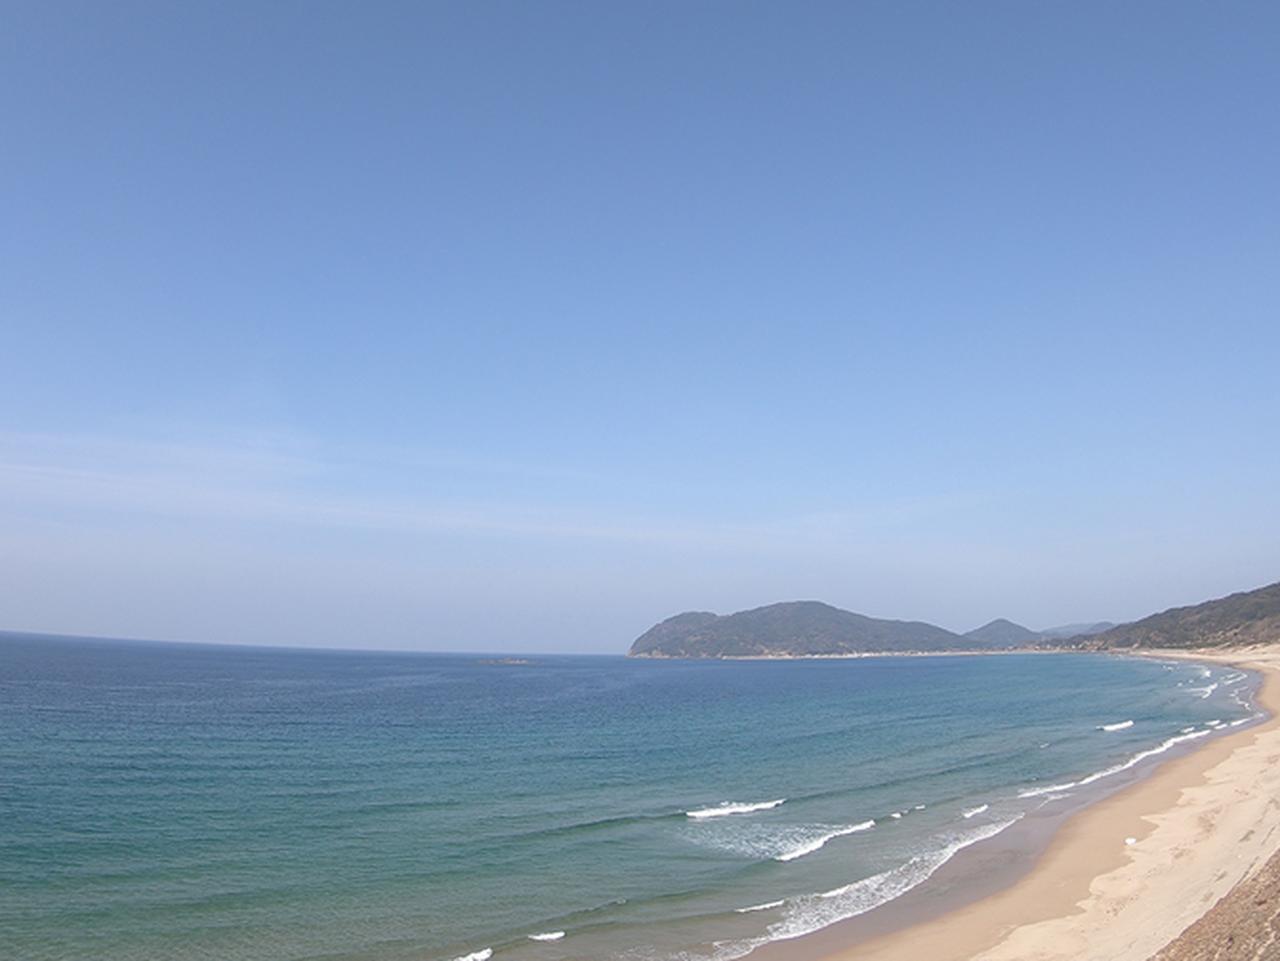 画像: 福岡の注目エリア 美しい海が広がる糸島